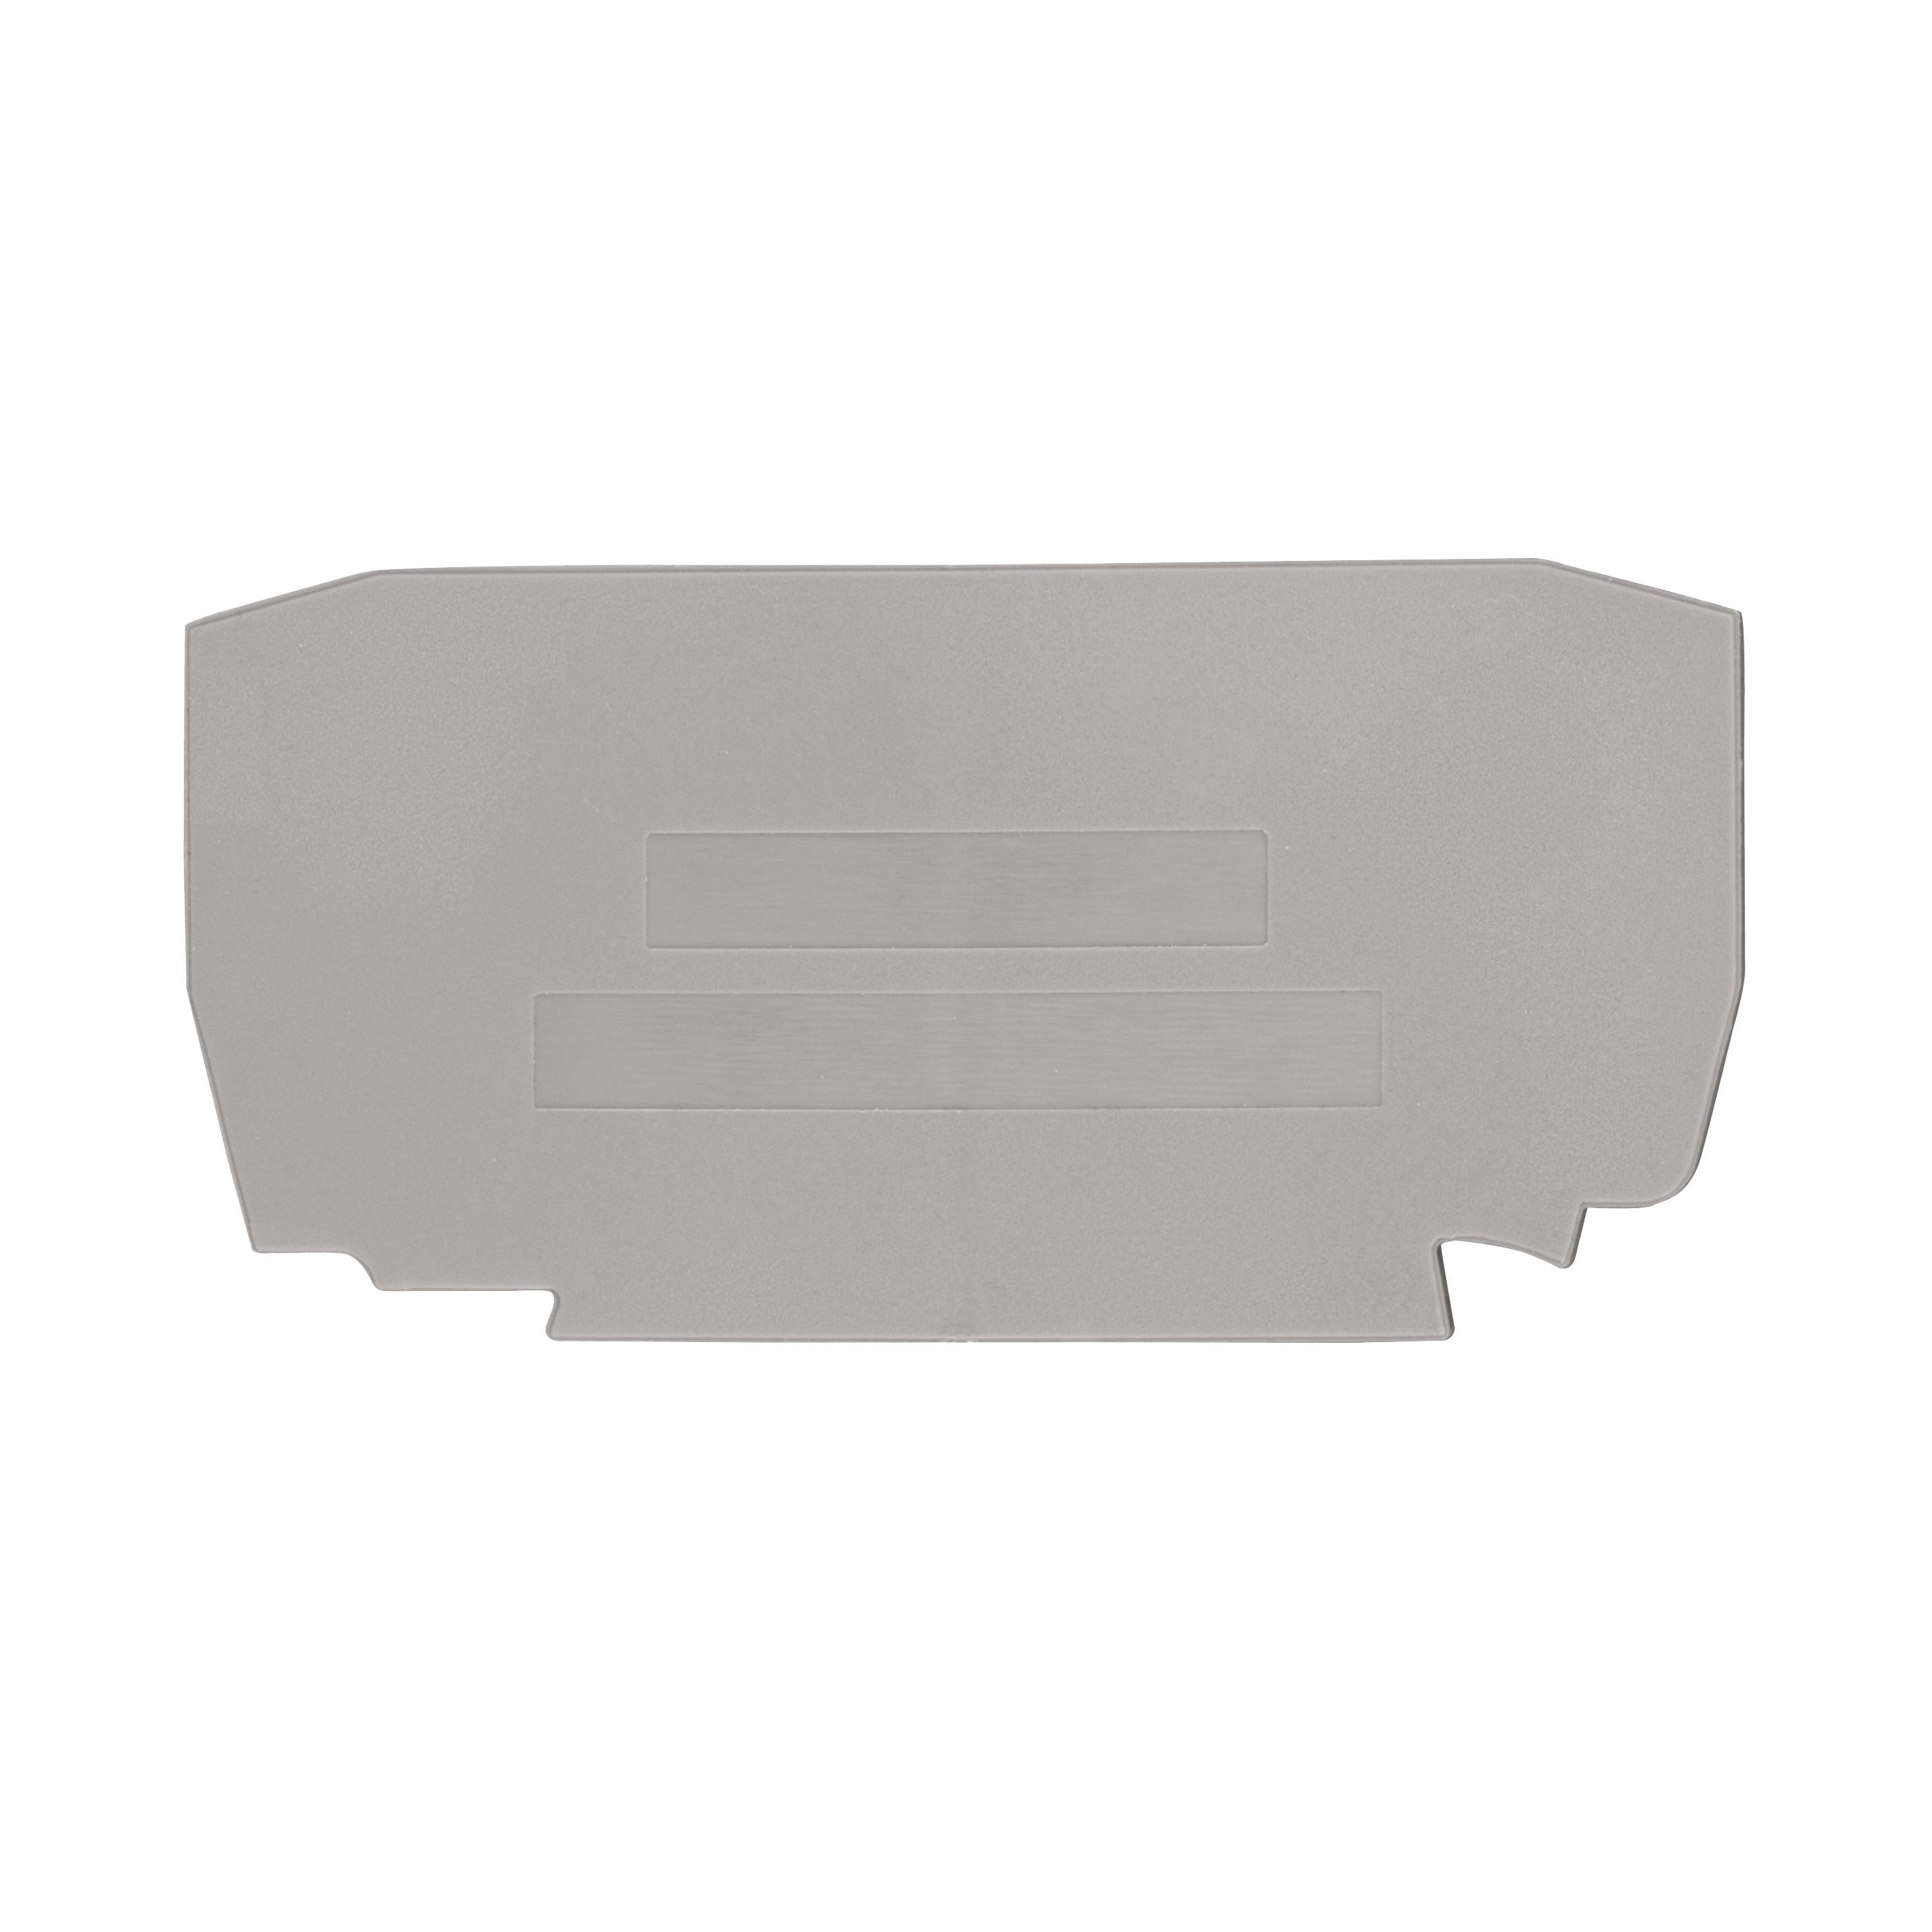 1 Stk Endplatte für Klemme, Type YBK 4mm² grau IK610204--